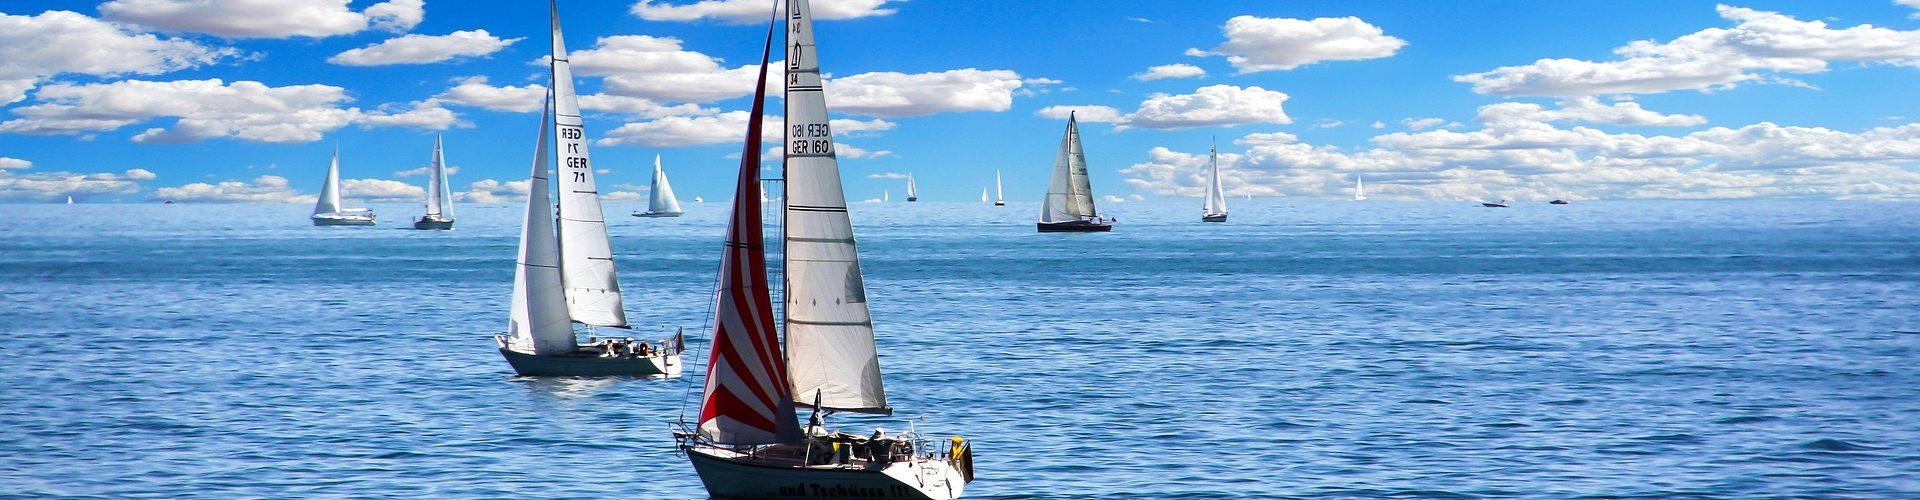 segeln lernen in Angermünde segelschein machen in Angermünde 1920x500 - Segeln lernen in Angermünde